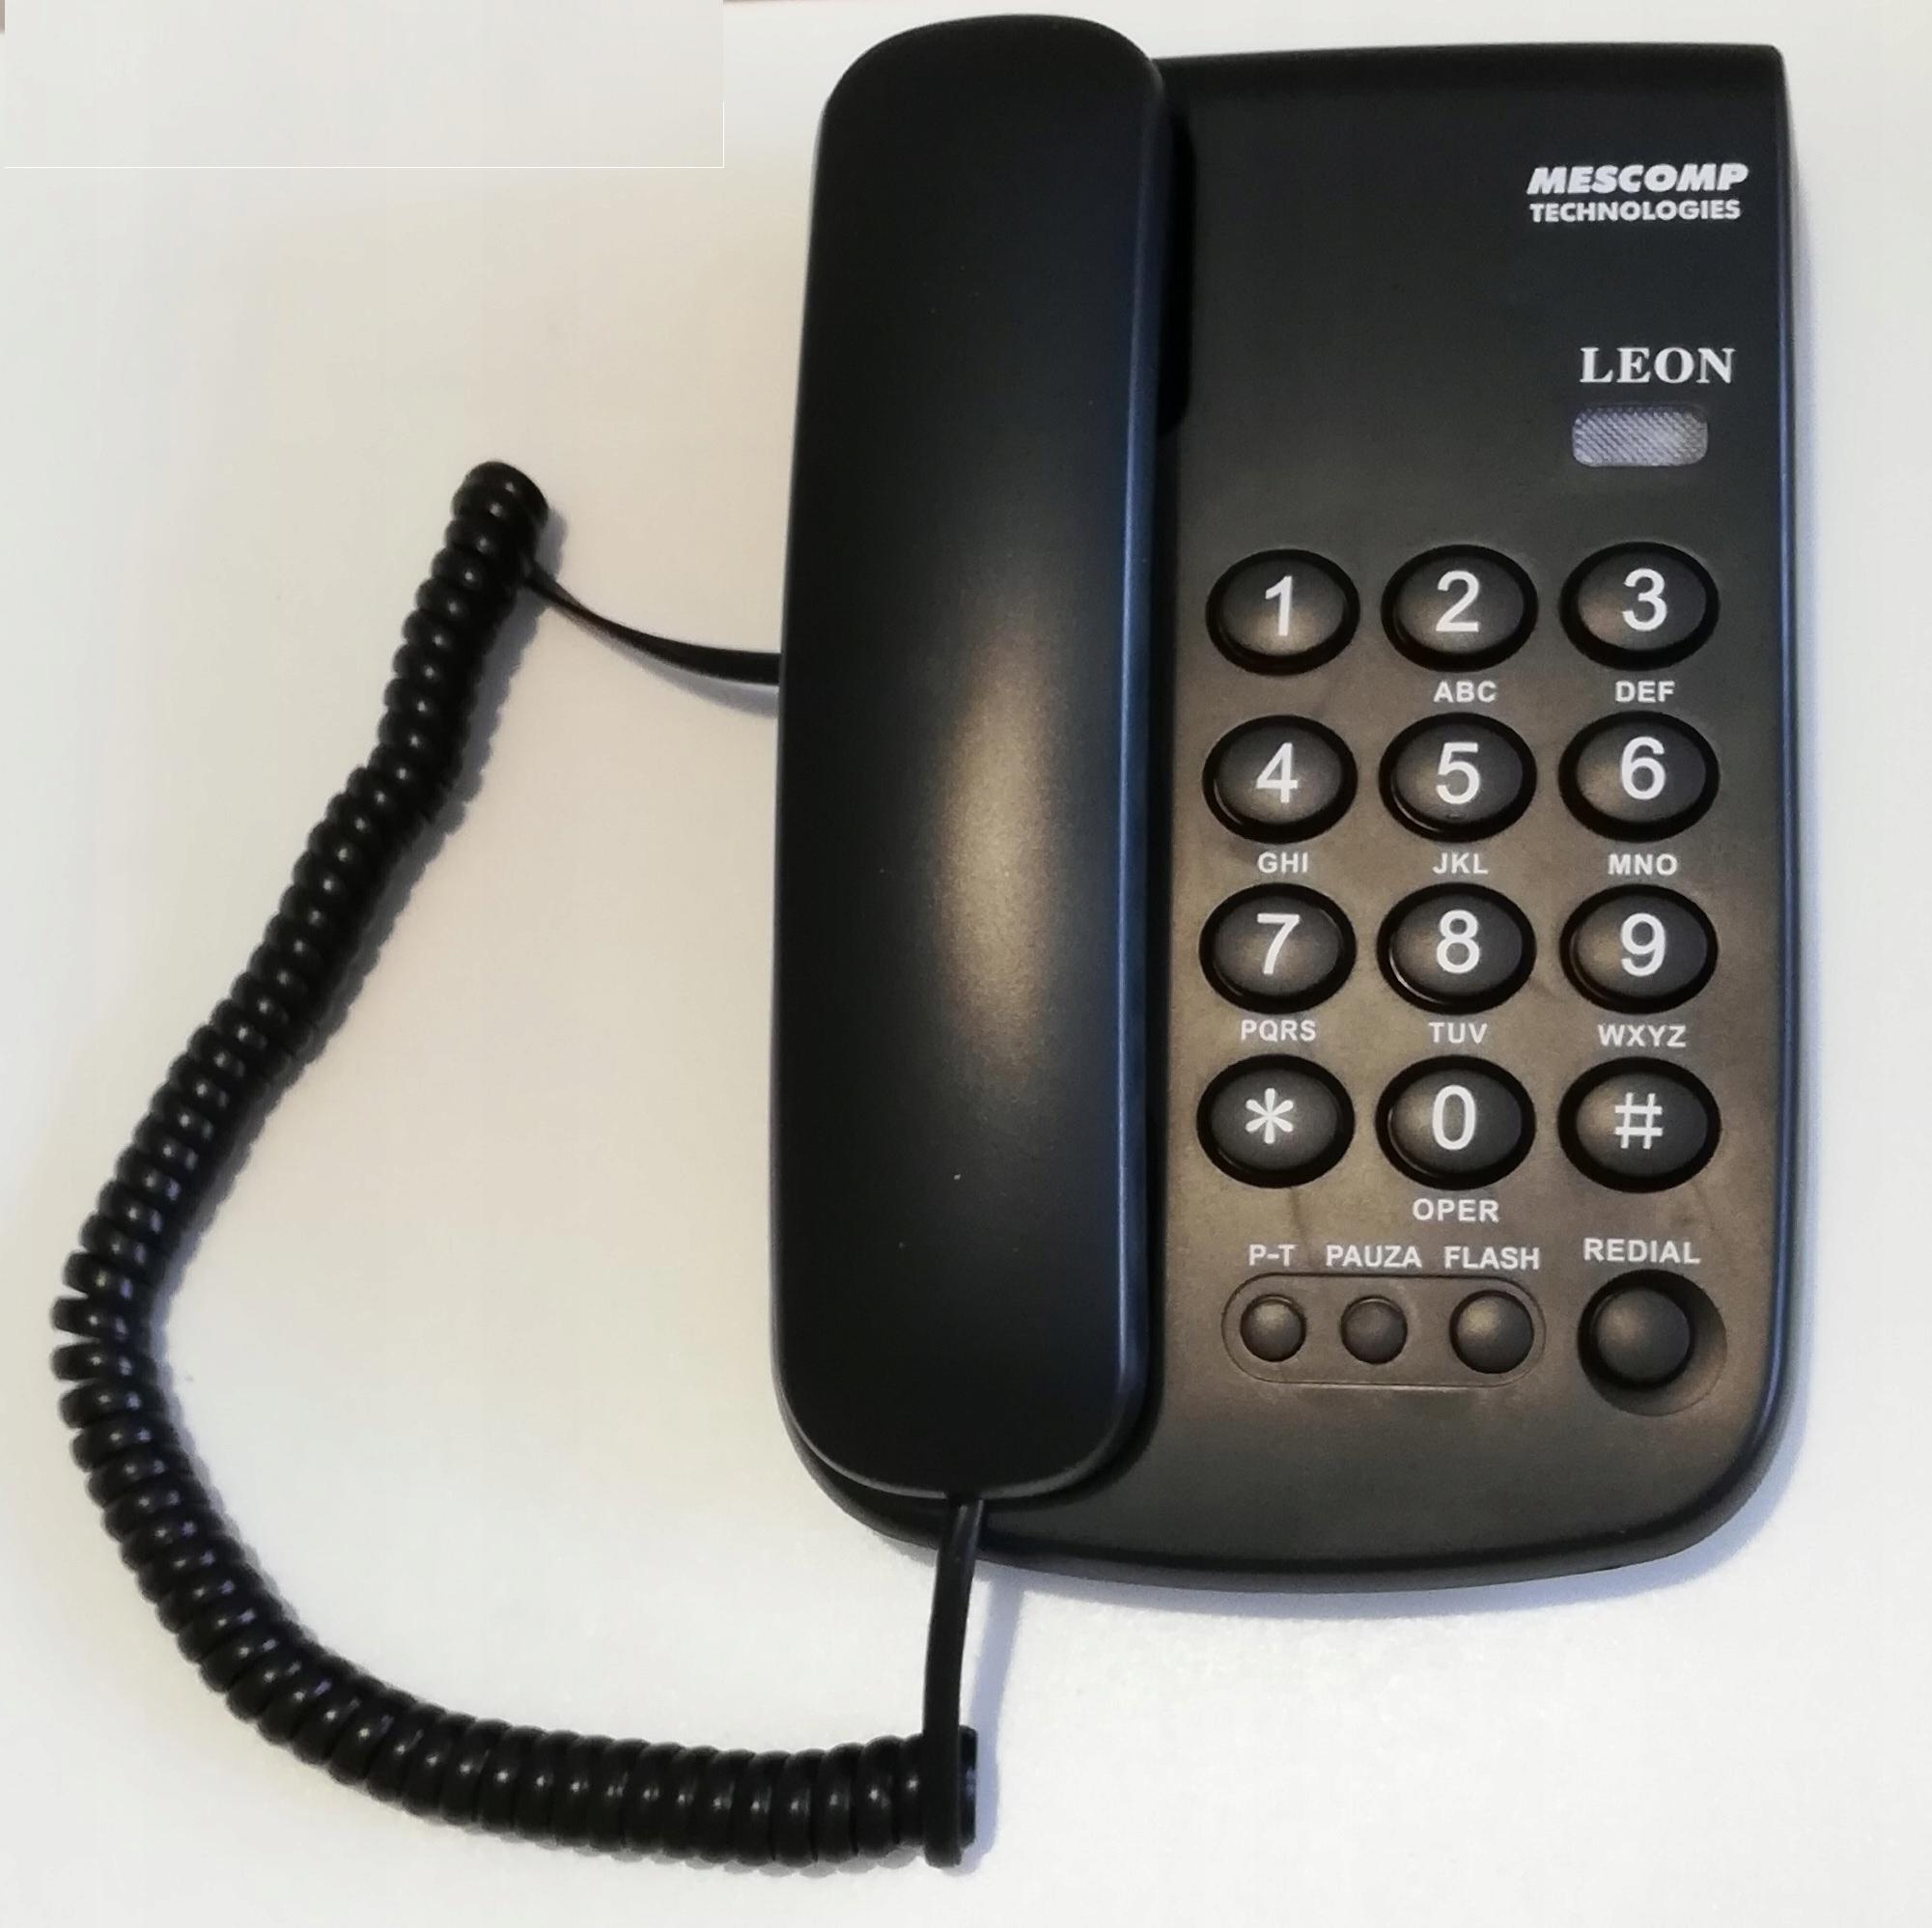 Telefon Stacjonarny Przewodowy Leon Mt 508 Czarny 8475867812 Sklep Internetowy Agd Rtv Telefony Laptopy Allegro Pl